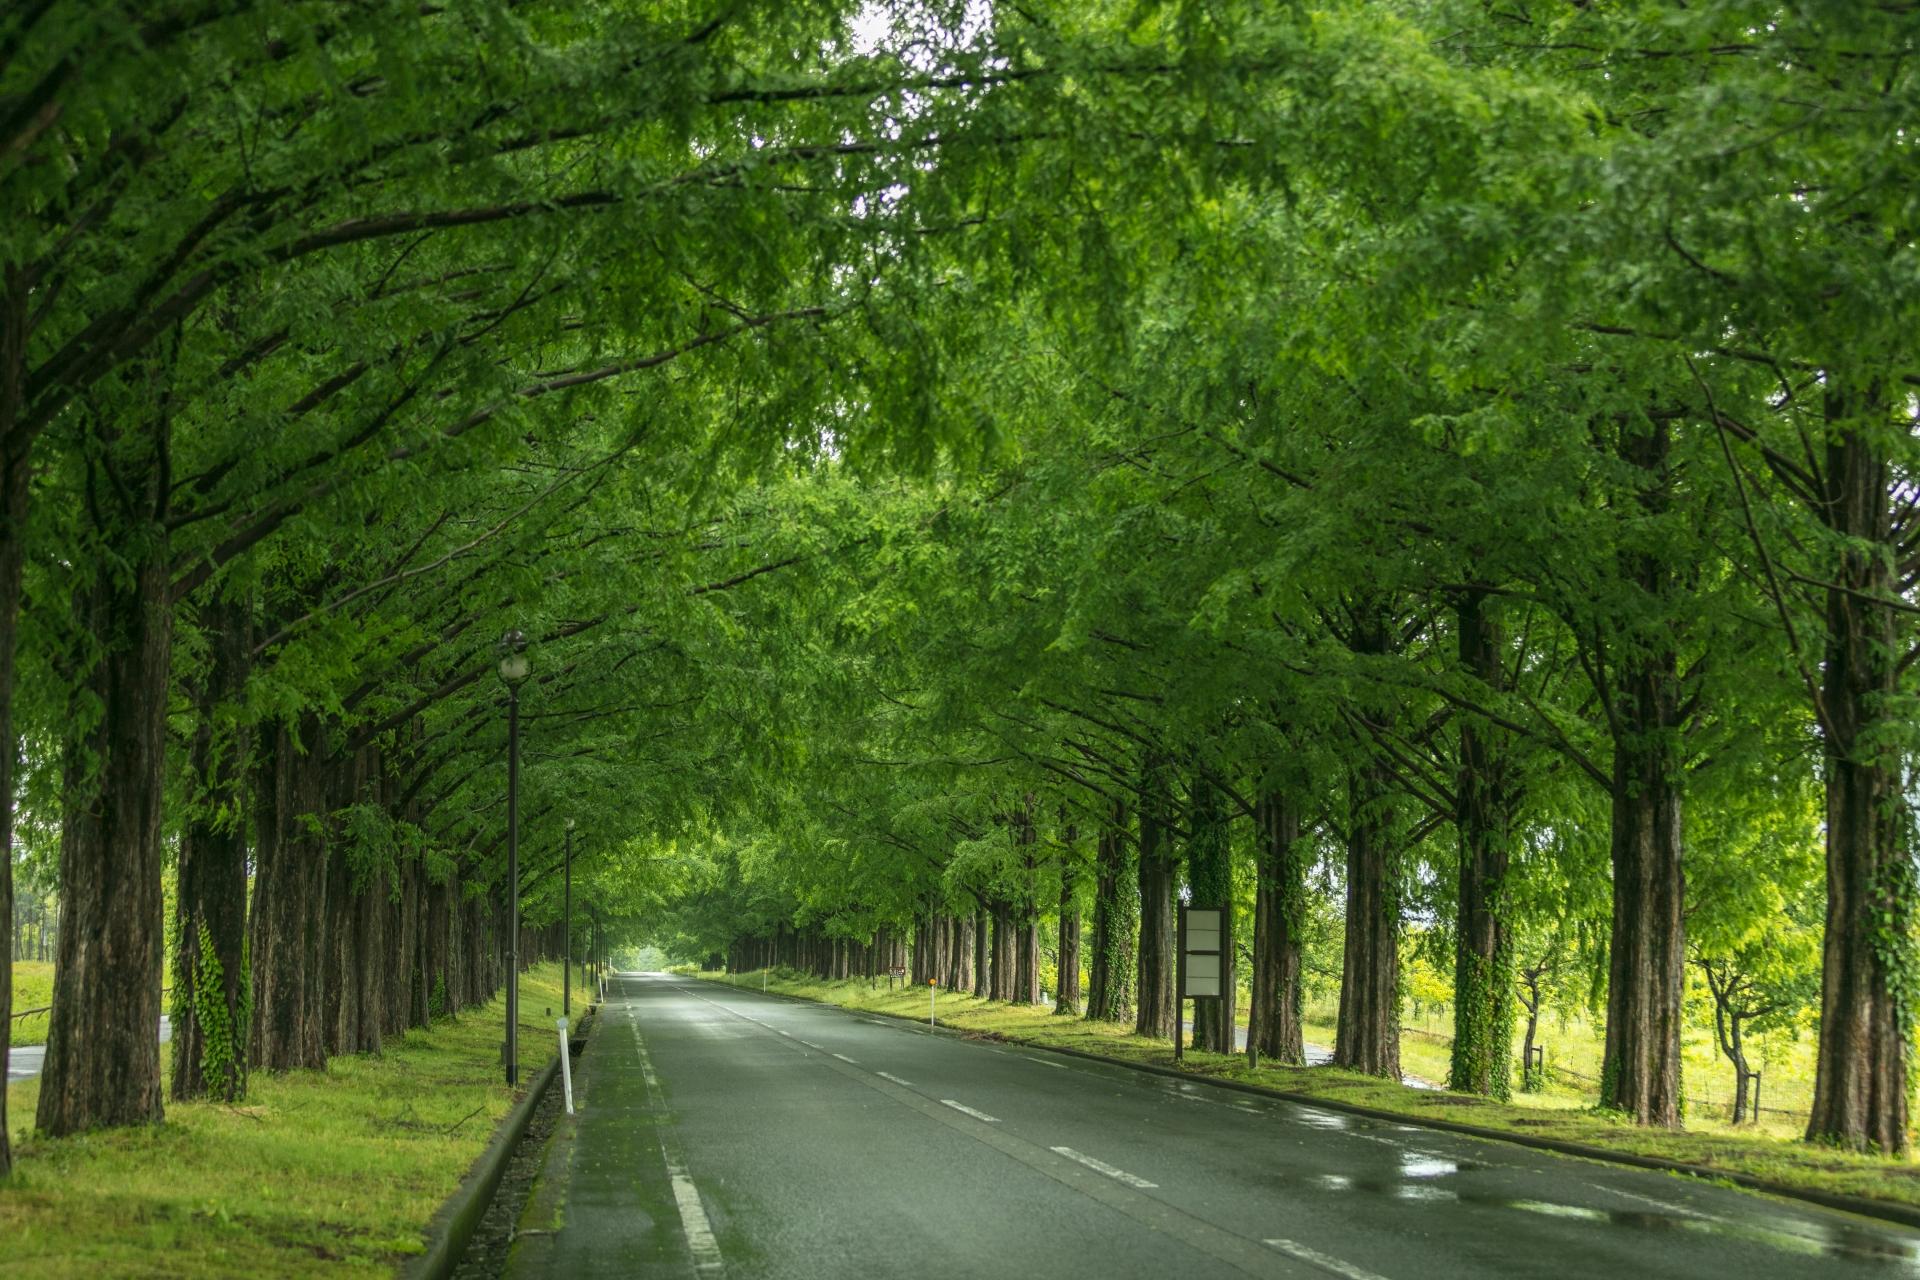 3884240_m 滋賀県  メタセコイア並木(約2.4km続く絶景のメタセコイア並木! 新緑の季節におすすめのスポット。 写真の紹介、アクセス情報や駐車場情報など)